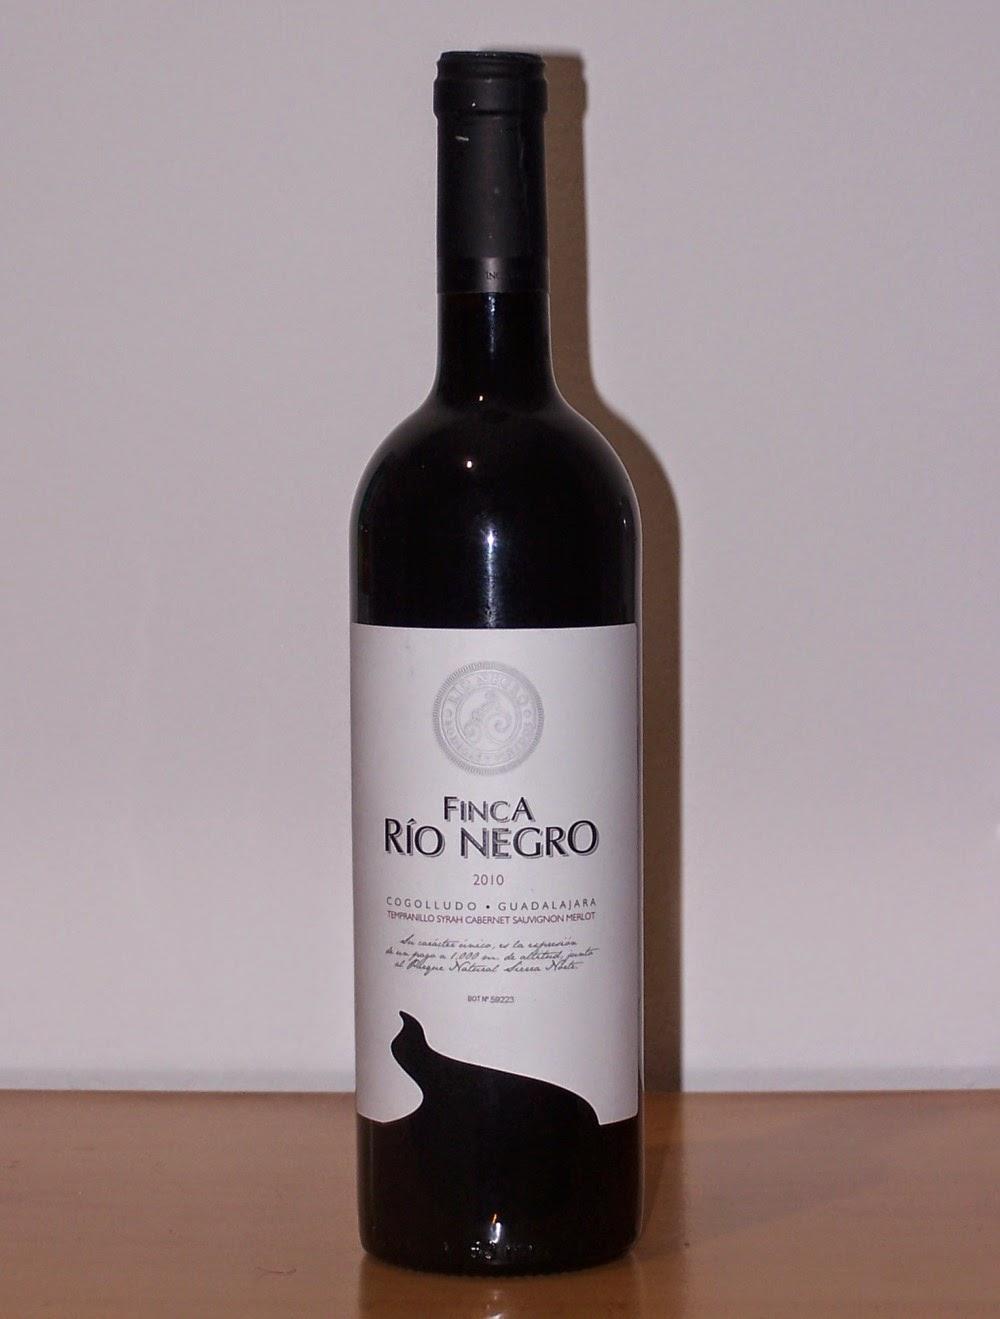 Finca Río Negro Tinto 2010, Vino de la Tierra de Castilla